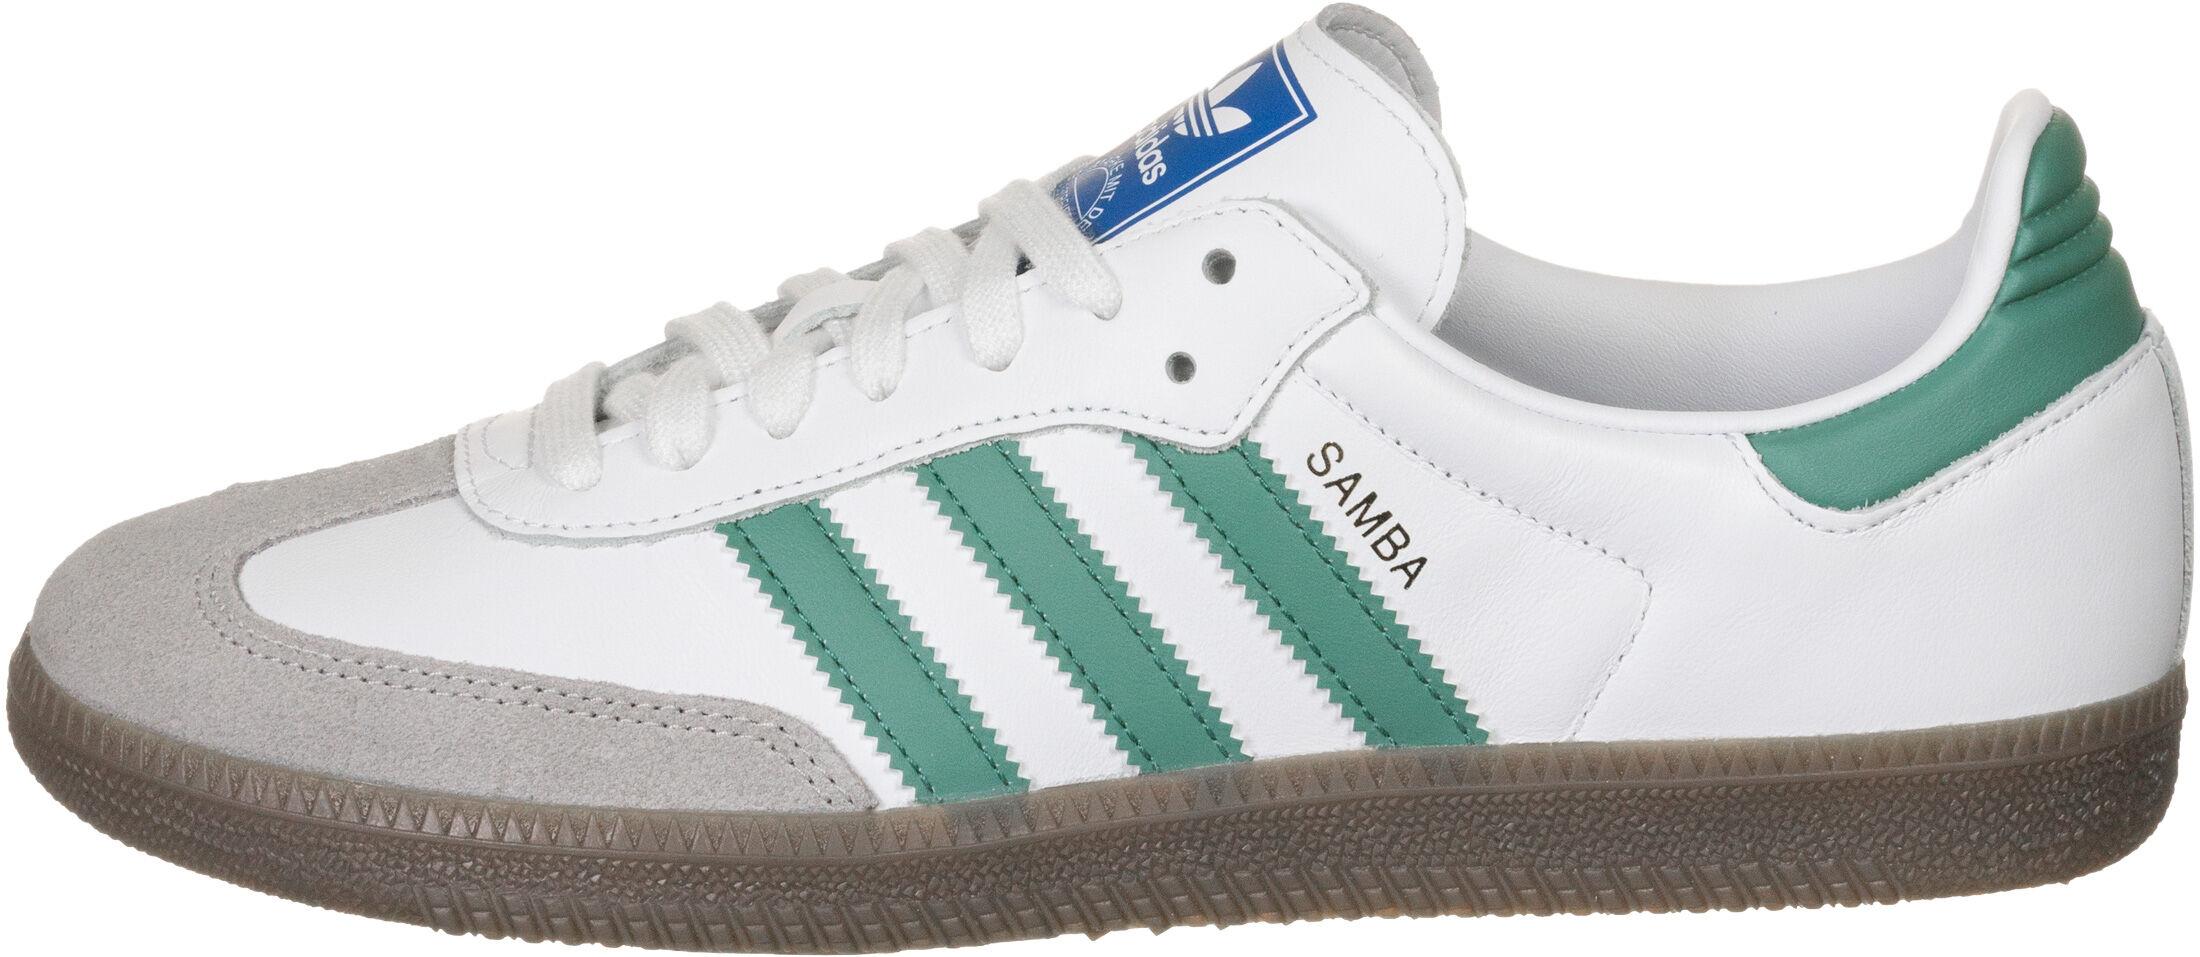 semáforo parálisis mentiroso  adidas Samba OG - Zapatillas bajas en Stylefile